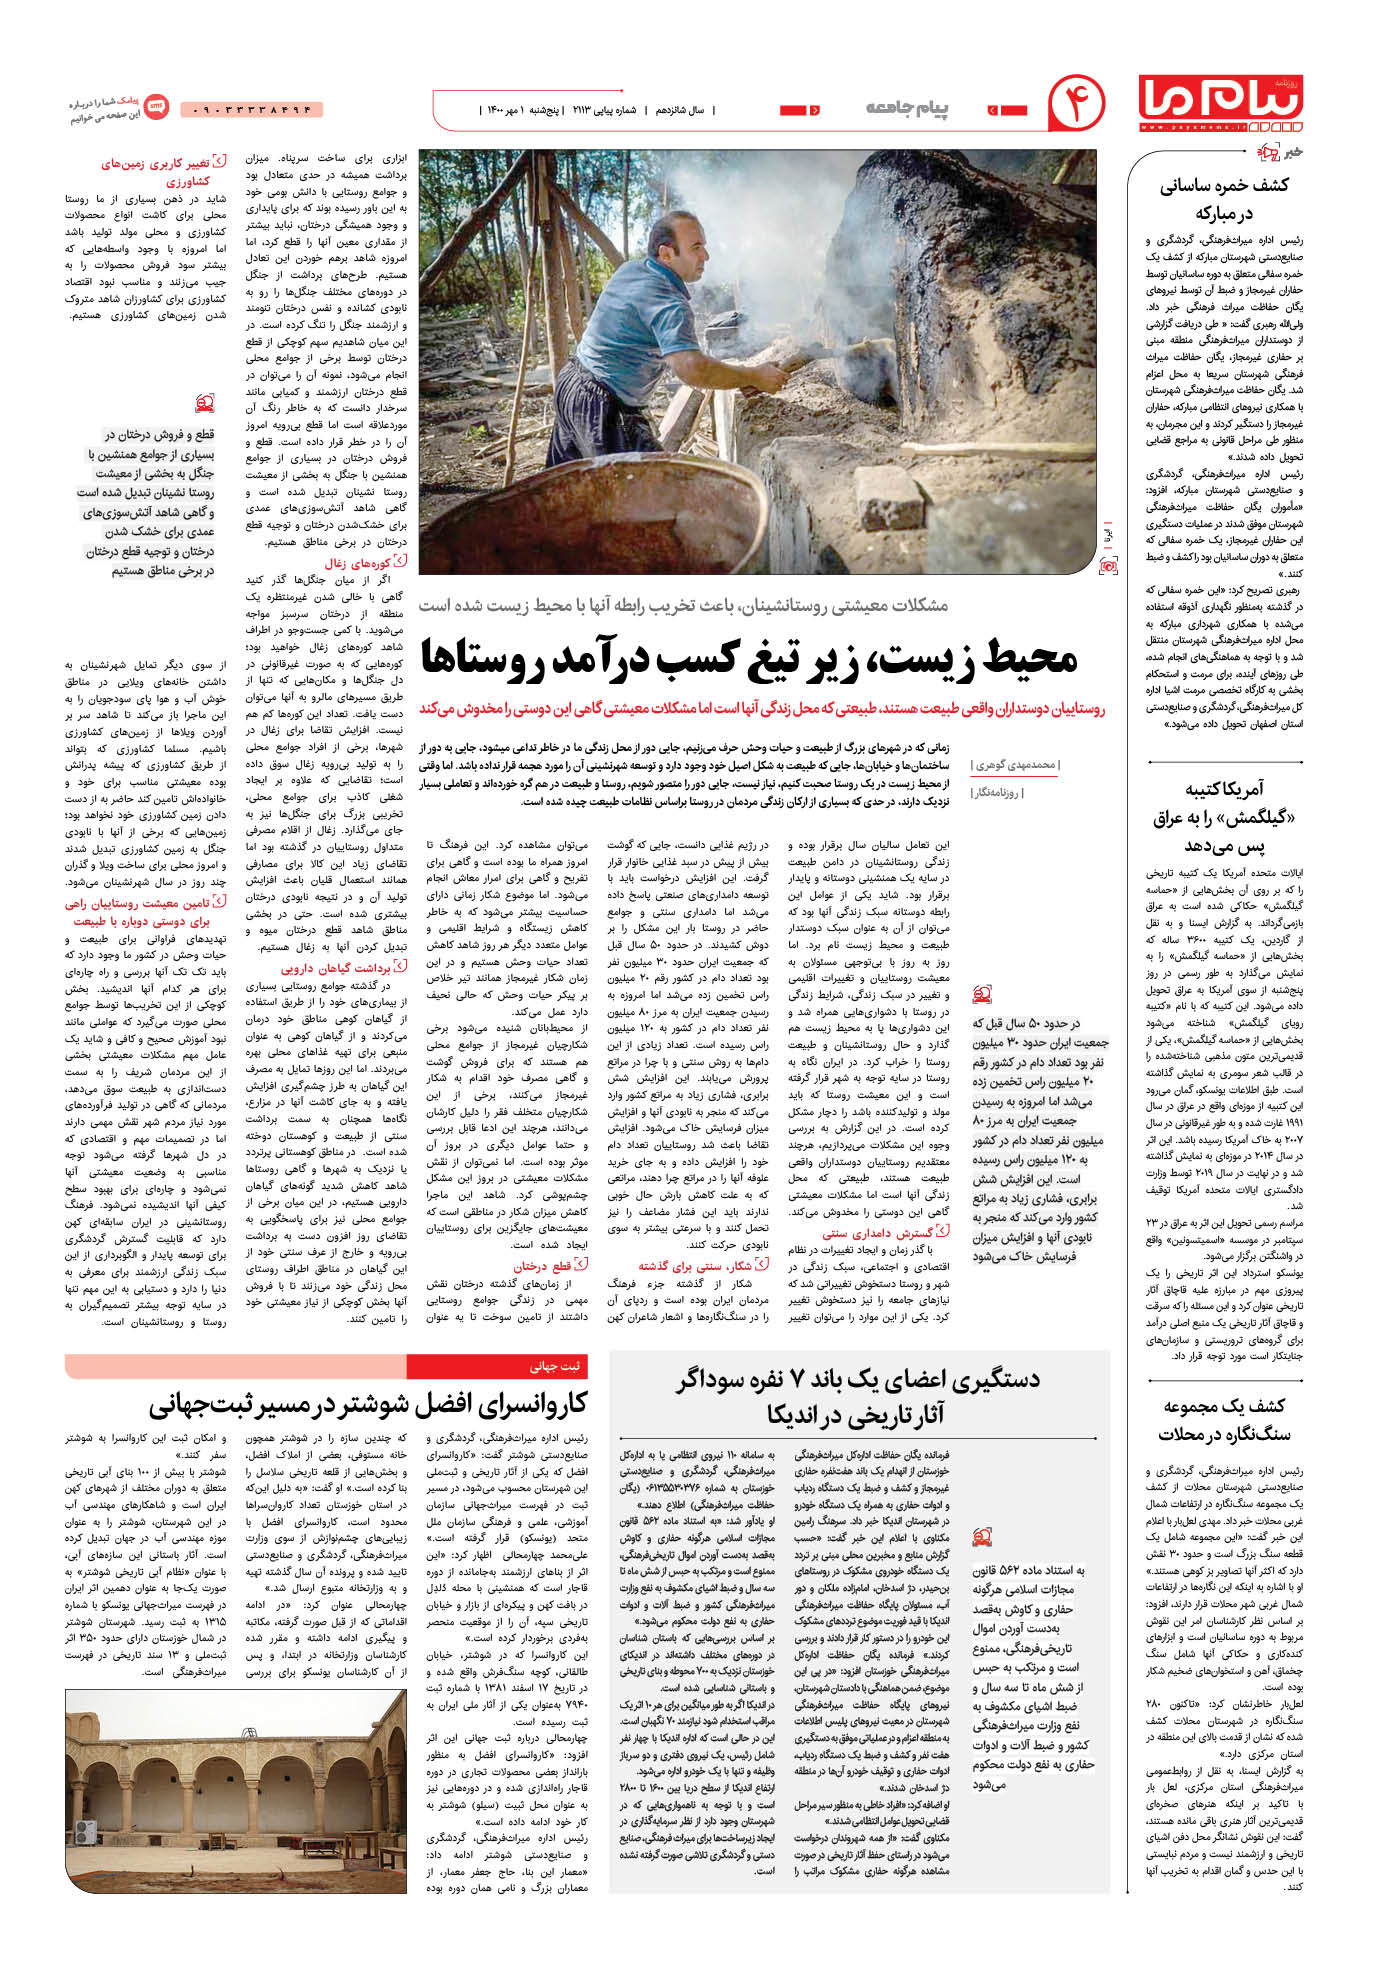 صفحه پیام جامعه شماره 2113 روزنامه پیام ما